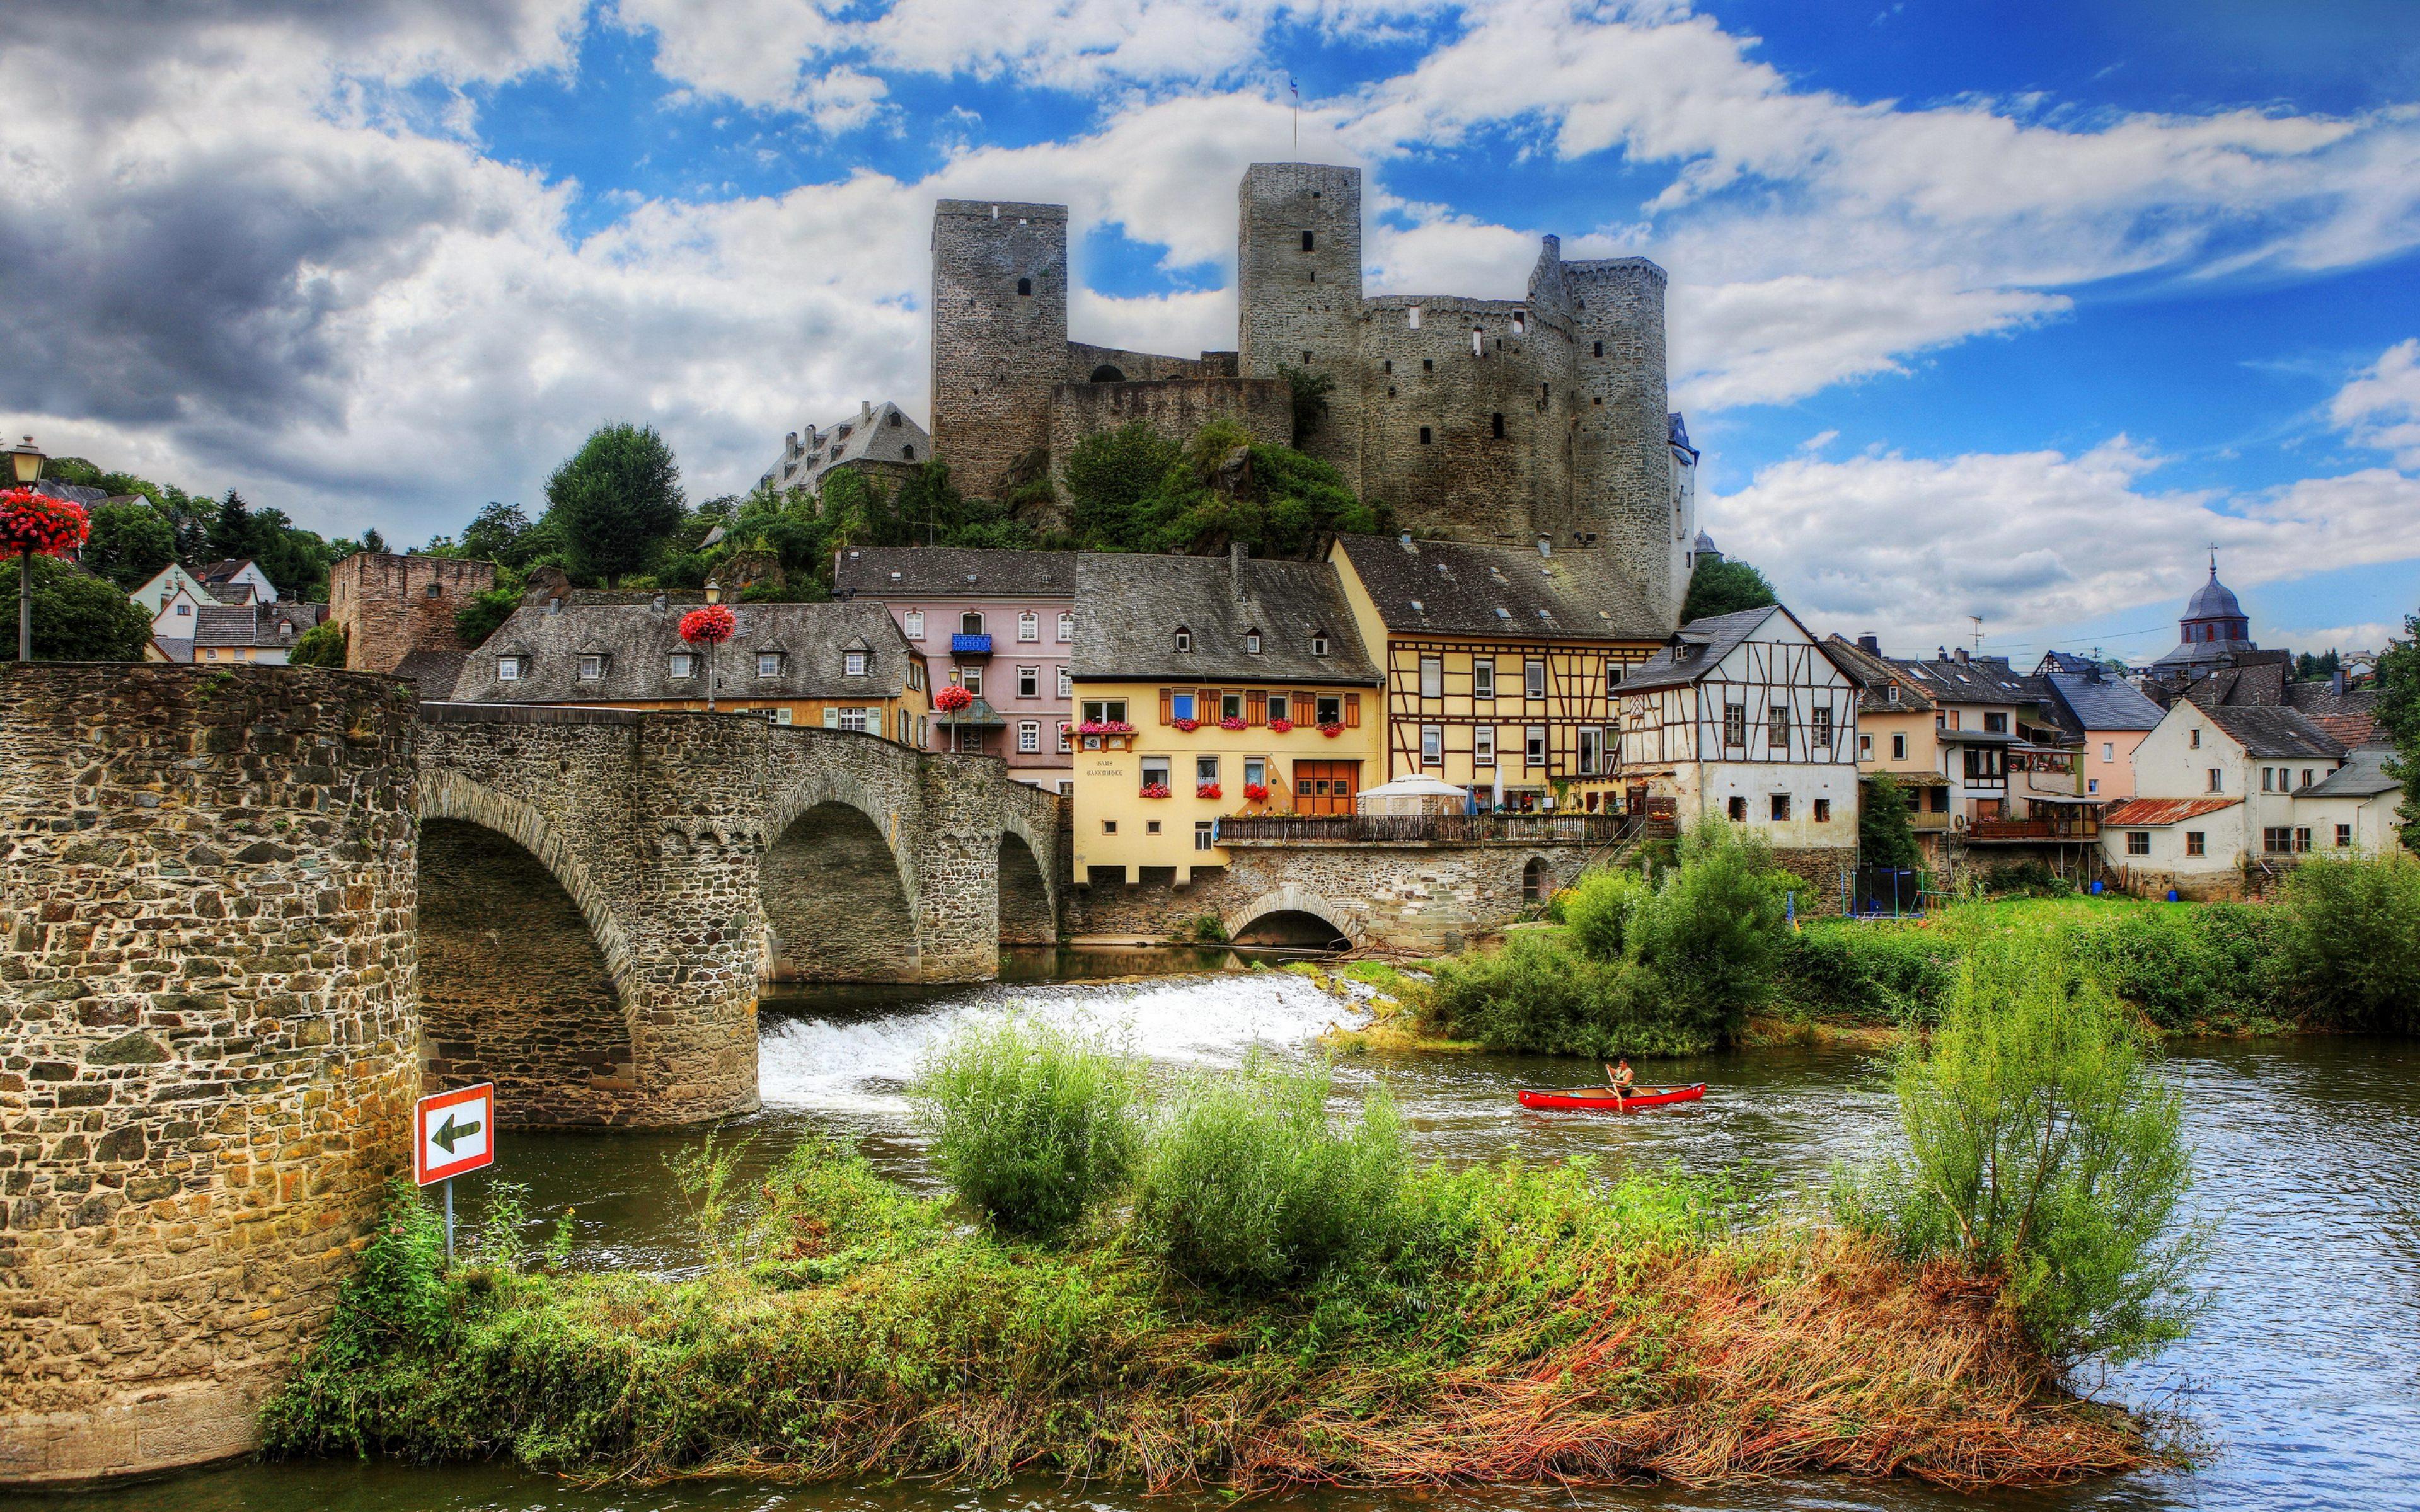 Runkel Germany Beautiful Landscape 4K Wallpaper download in high 3840x2400